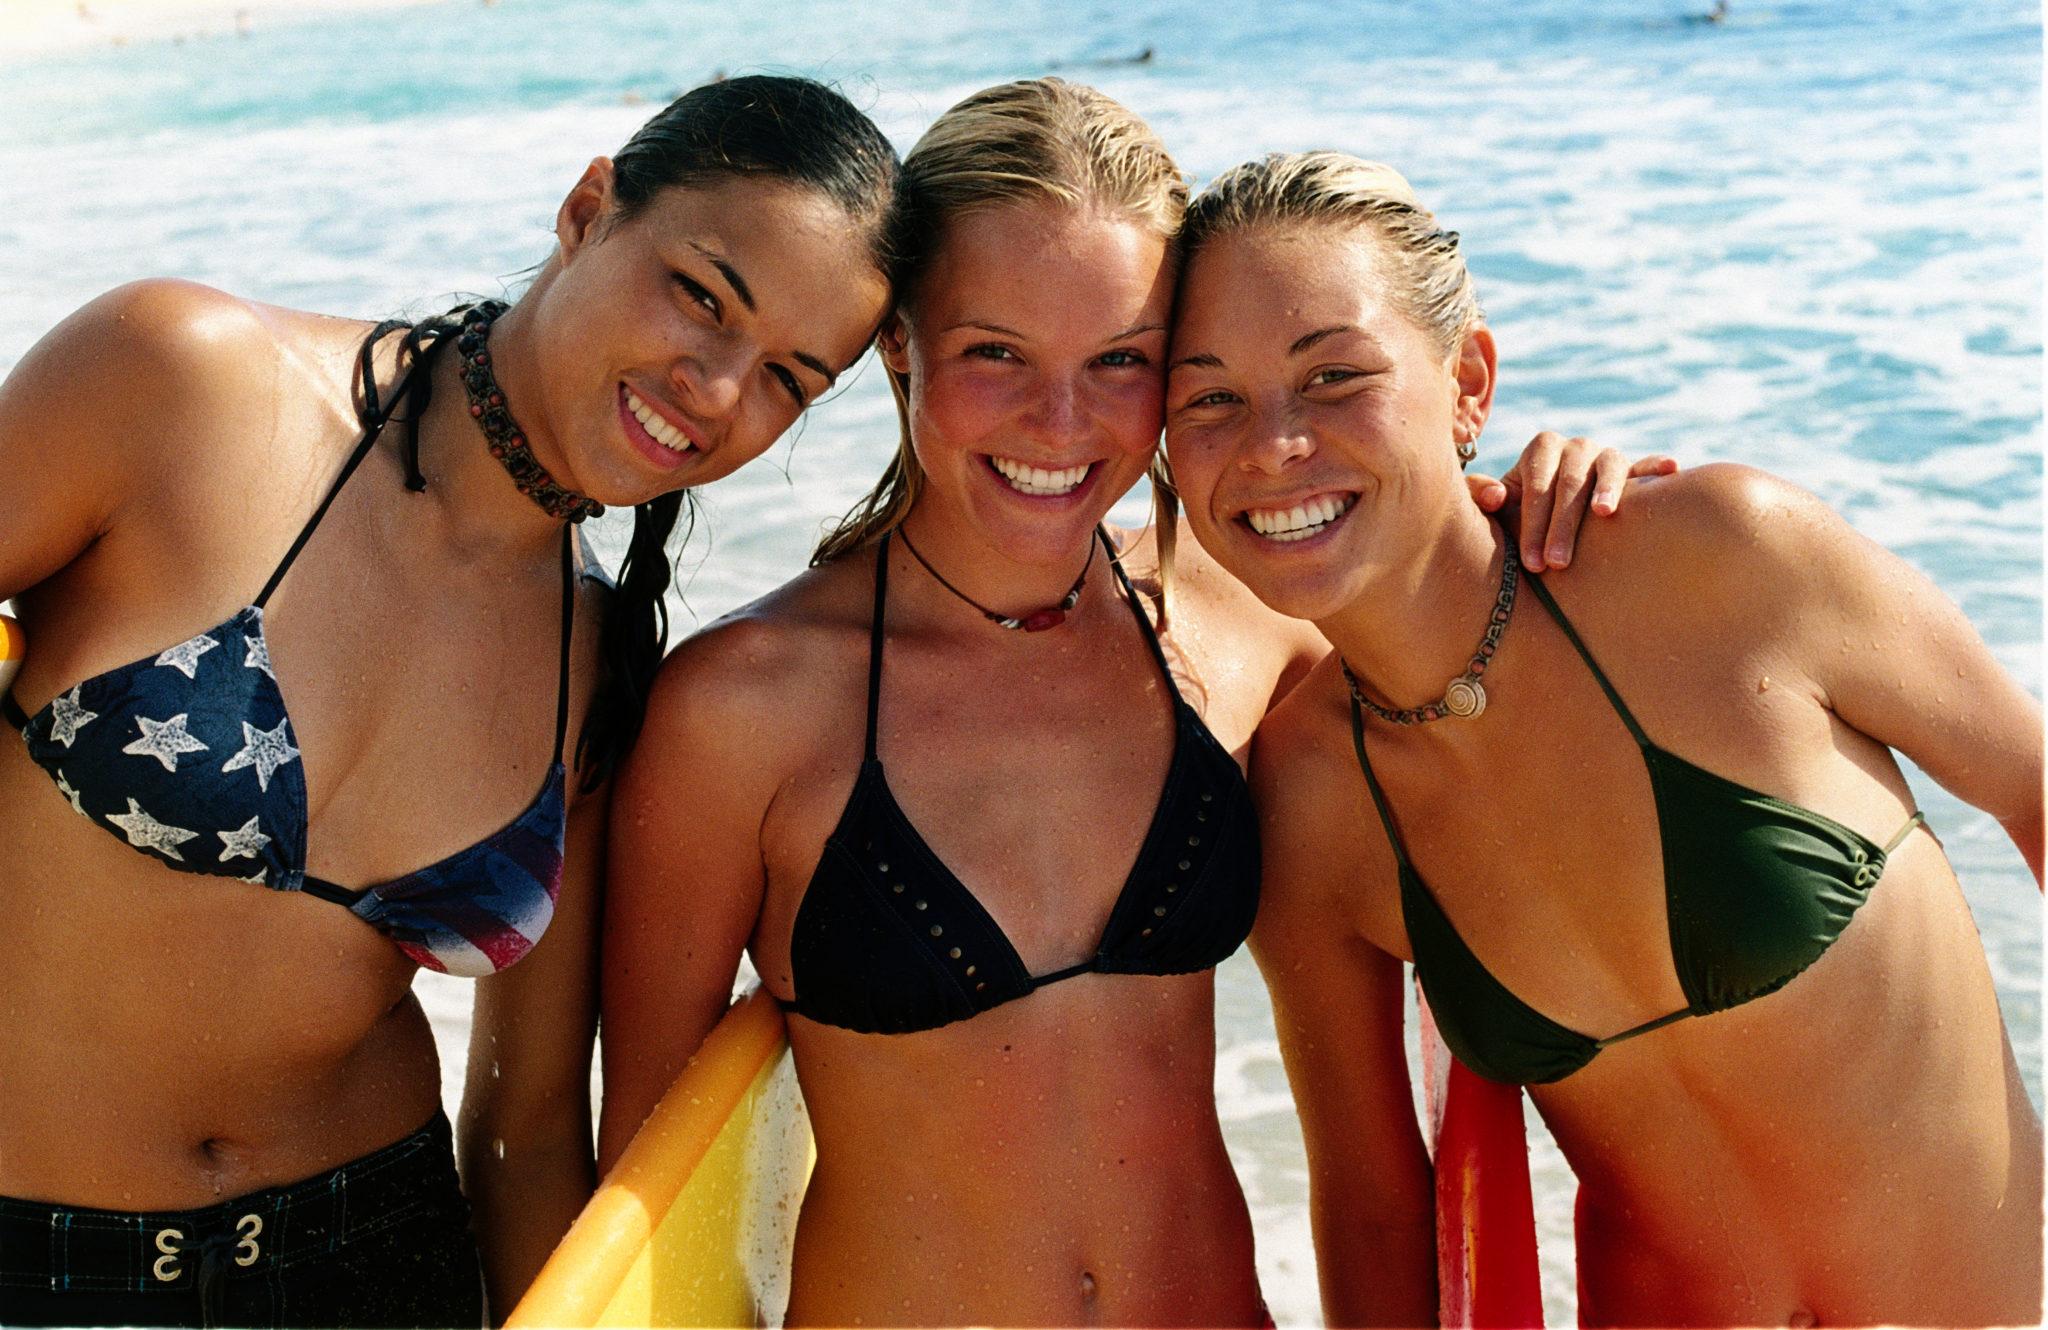 """Michelle Rodríguez als Eden, Kate Bosworth als Anne Marie und Sànoe Lake als Lena stehen in Bikinis am Strand und blicken grinsend in die Kamera in """"Blue Crush""""."""